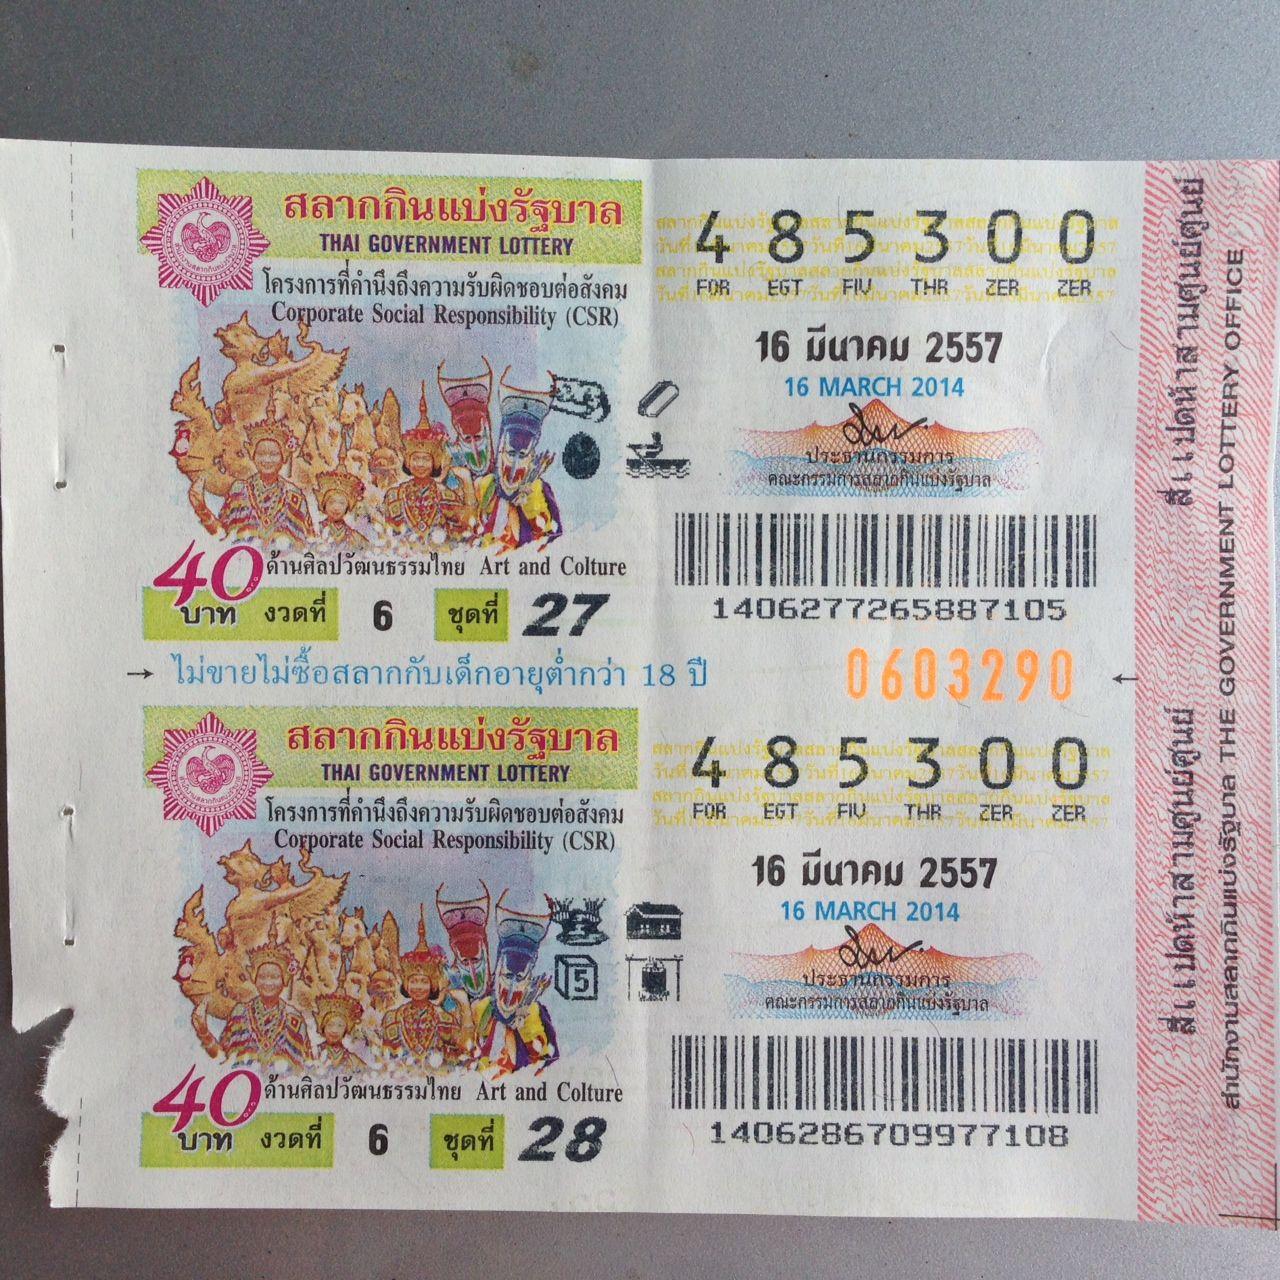 ตีแตกภาษาอังกฤษ   English Of The Day: Thai Government Lottery. สลากกินแบ่งรัฐบาลไทย   ตีแตกภาษาอังกฤษ